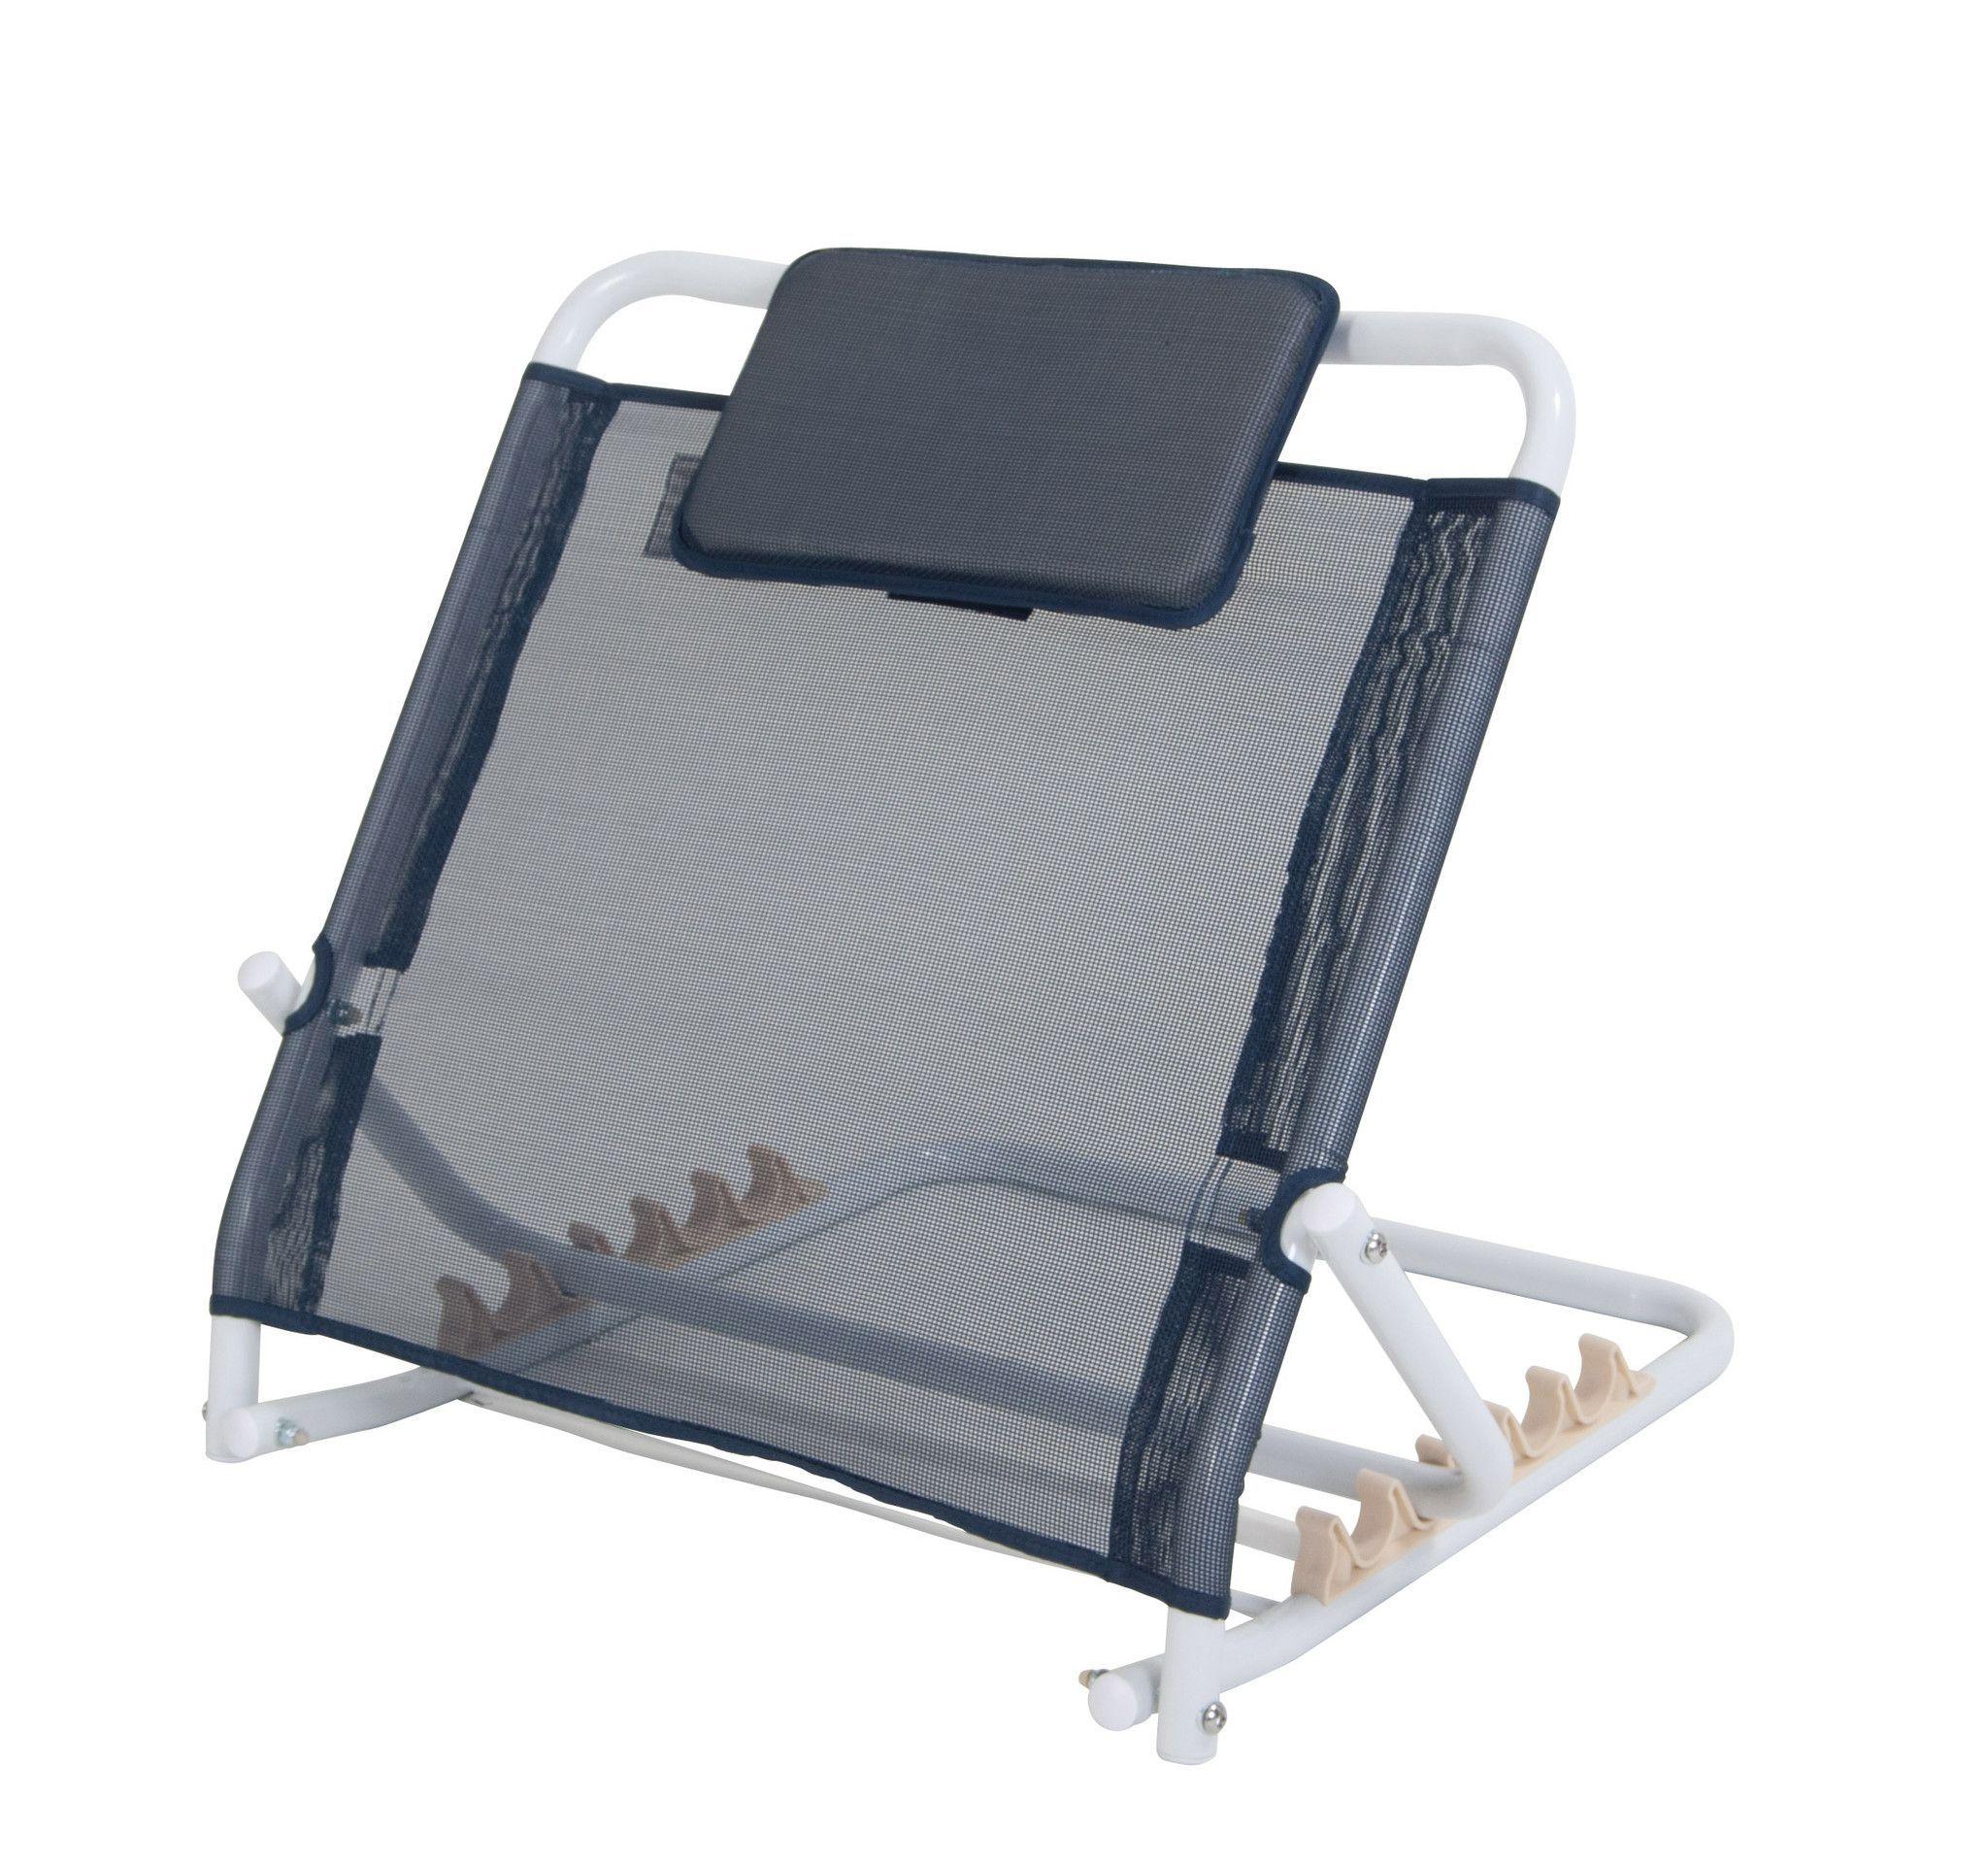 Adjustable Back Rest Adjustable beds, Bed back, Bed wedge